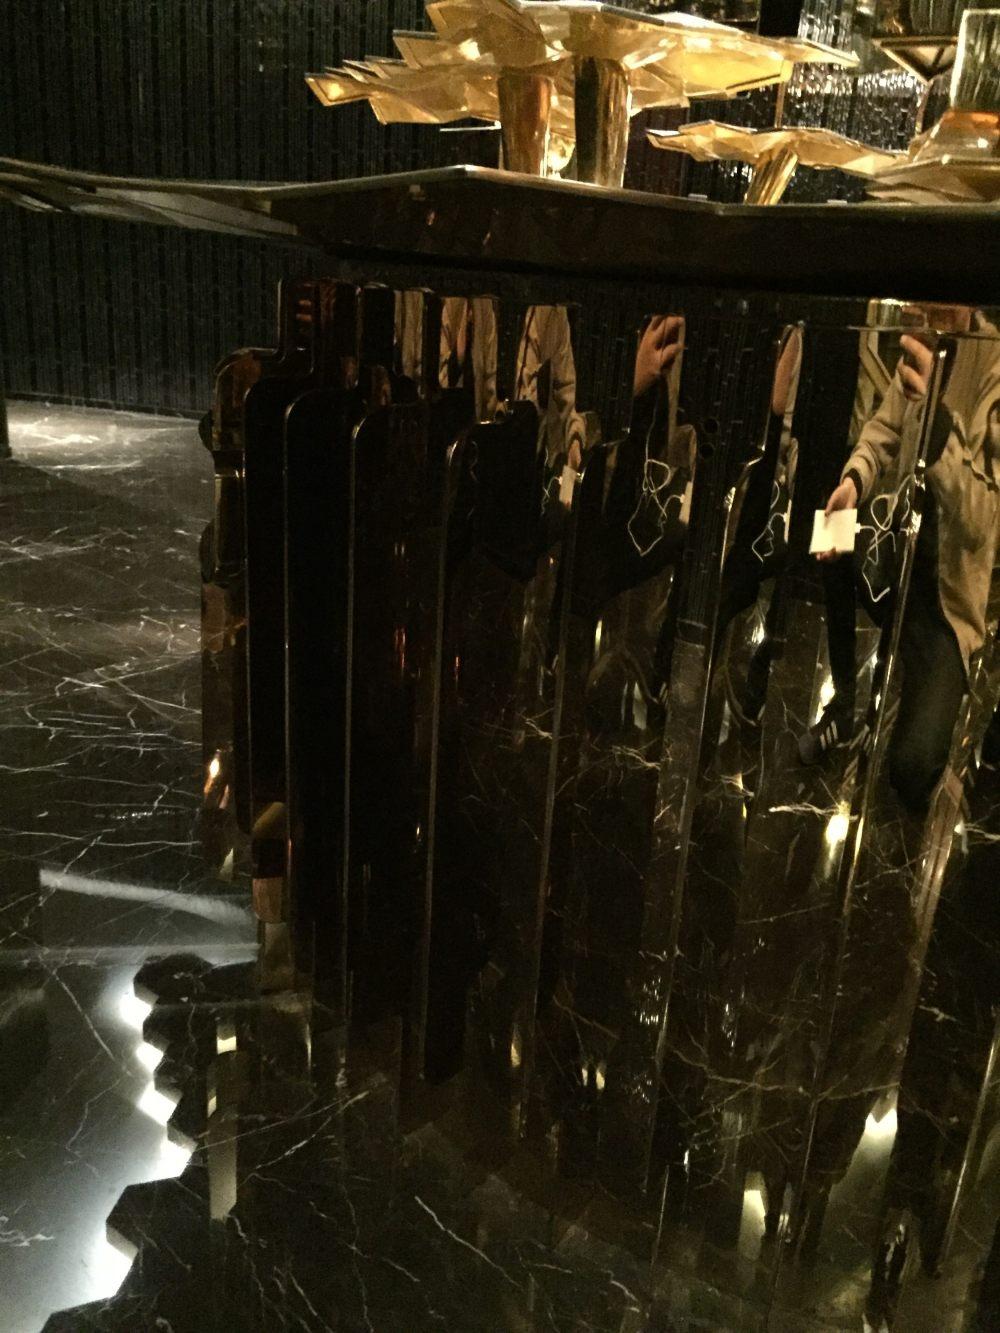 上海外滩W酒店,史上最全入住体验 自拍分享,申请置...._IMG_6101.JPG